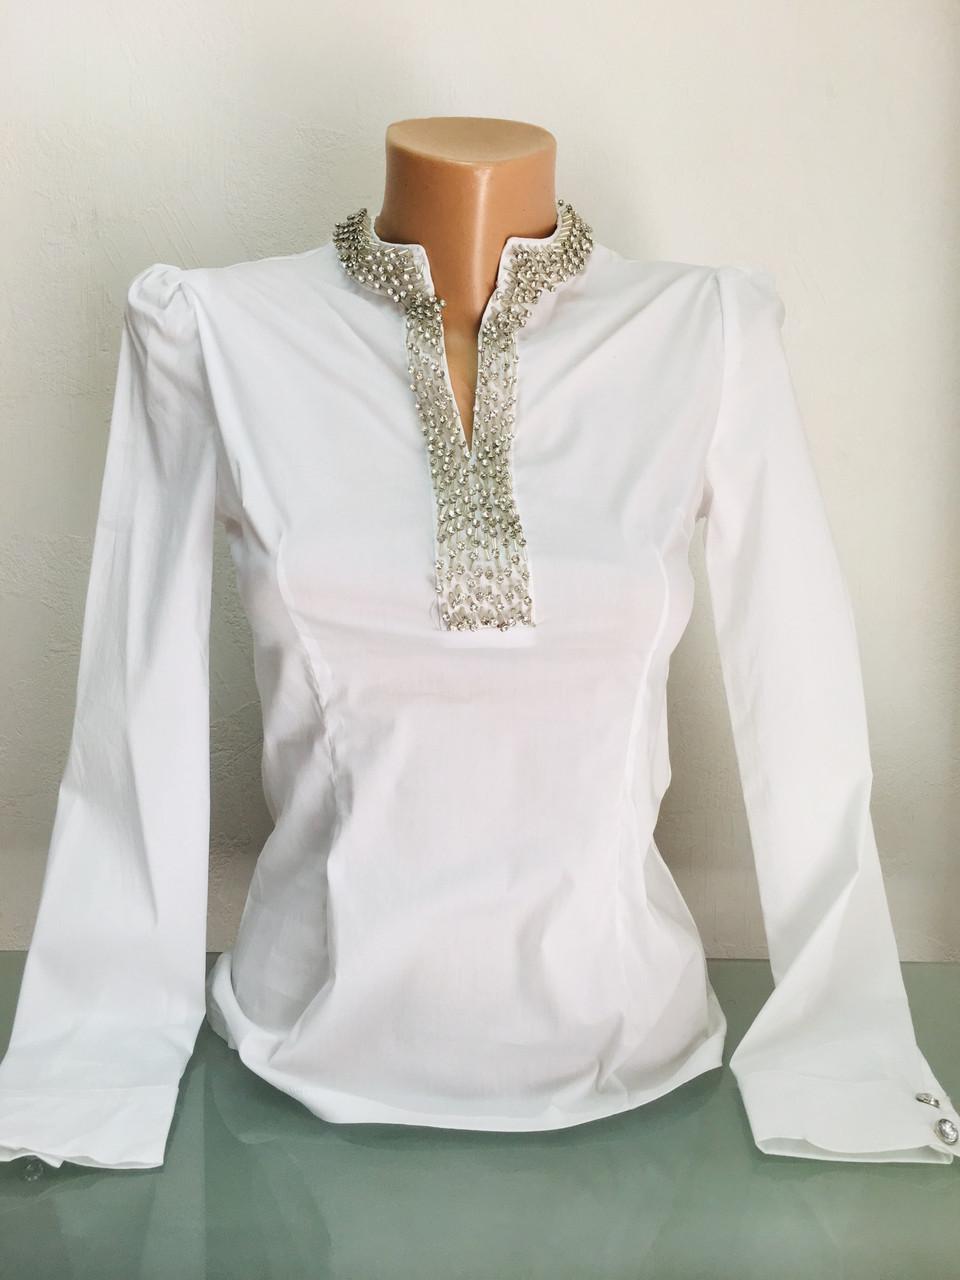 Рубашка женская Бренд Lux копия белая